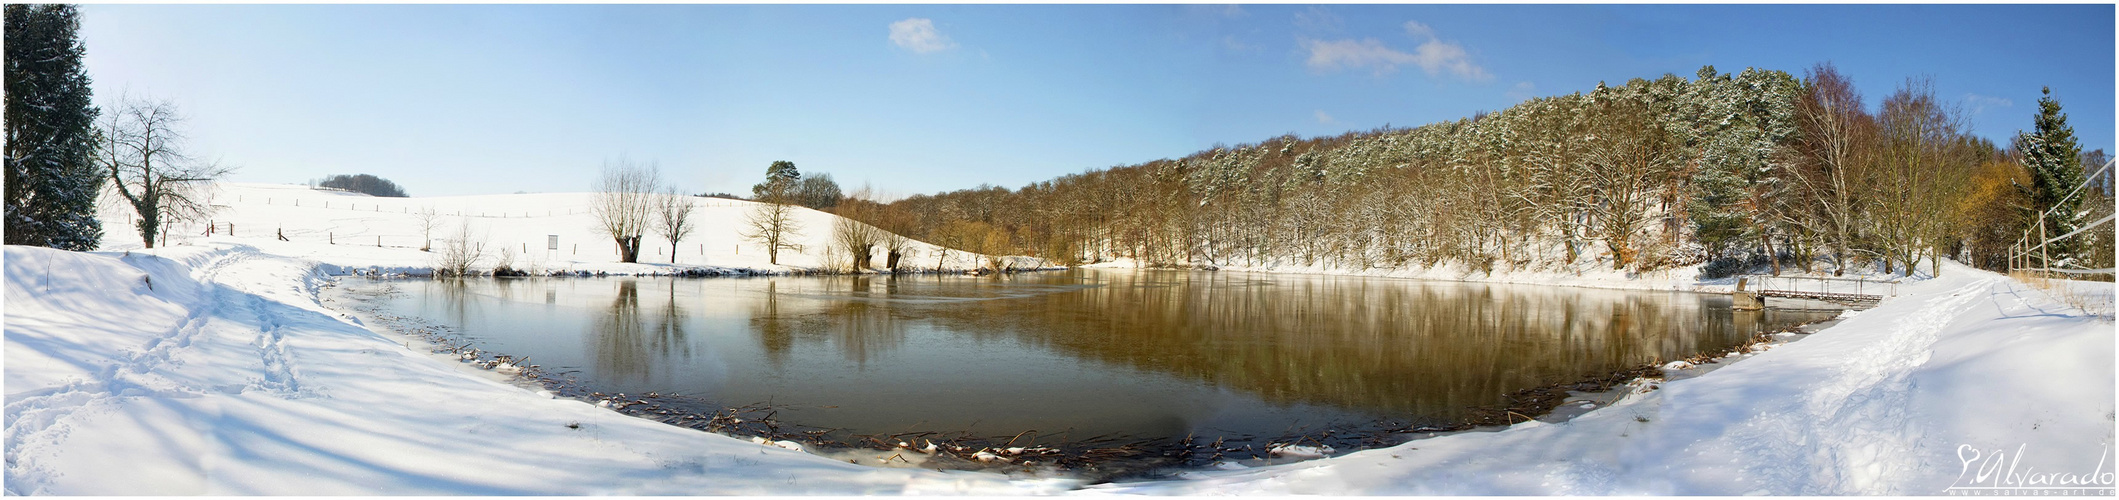 Thieleteich Winter